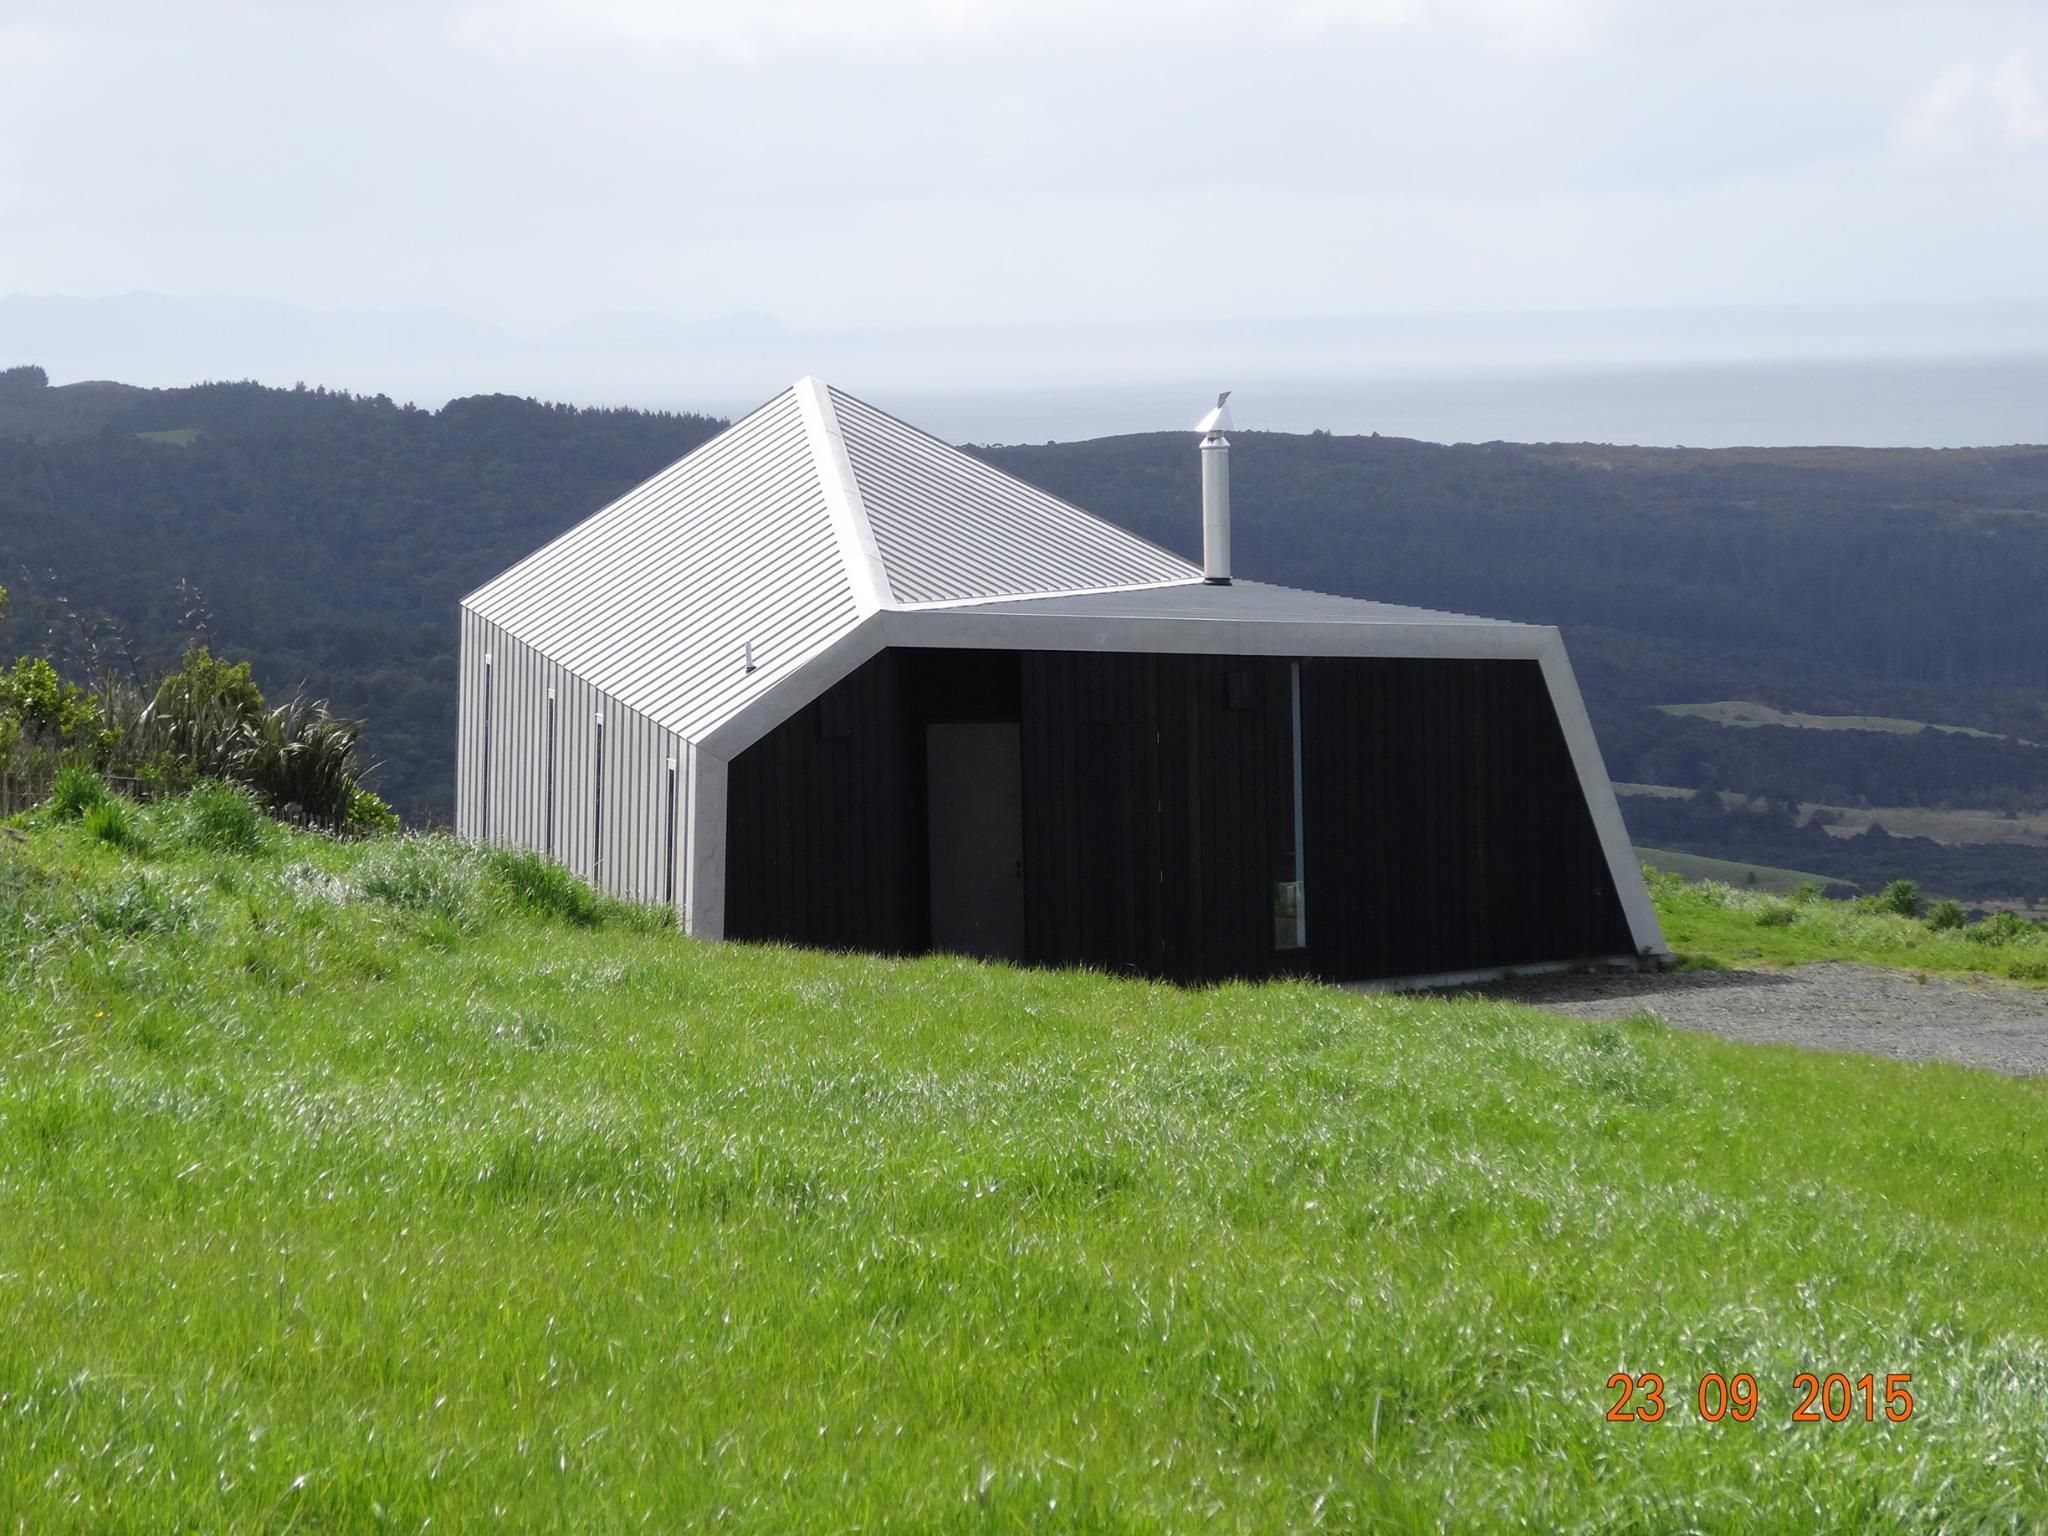 The-Roofing-Store-Steel-Metal-Standing-Seam-Terne-Coated-SS-6.jpg.jpg